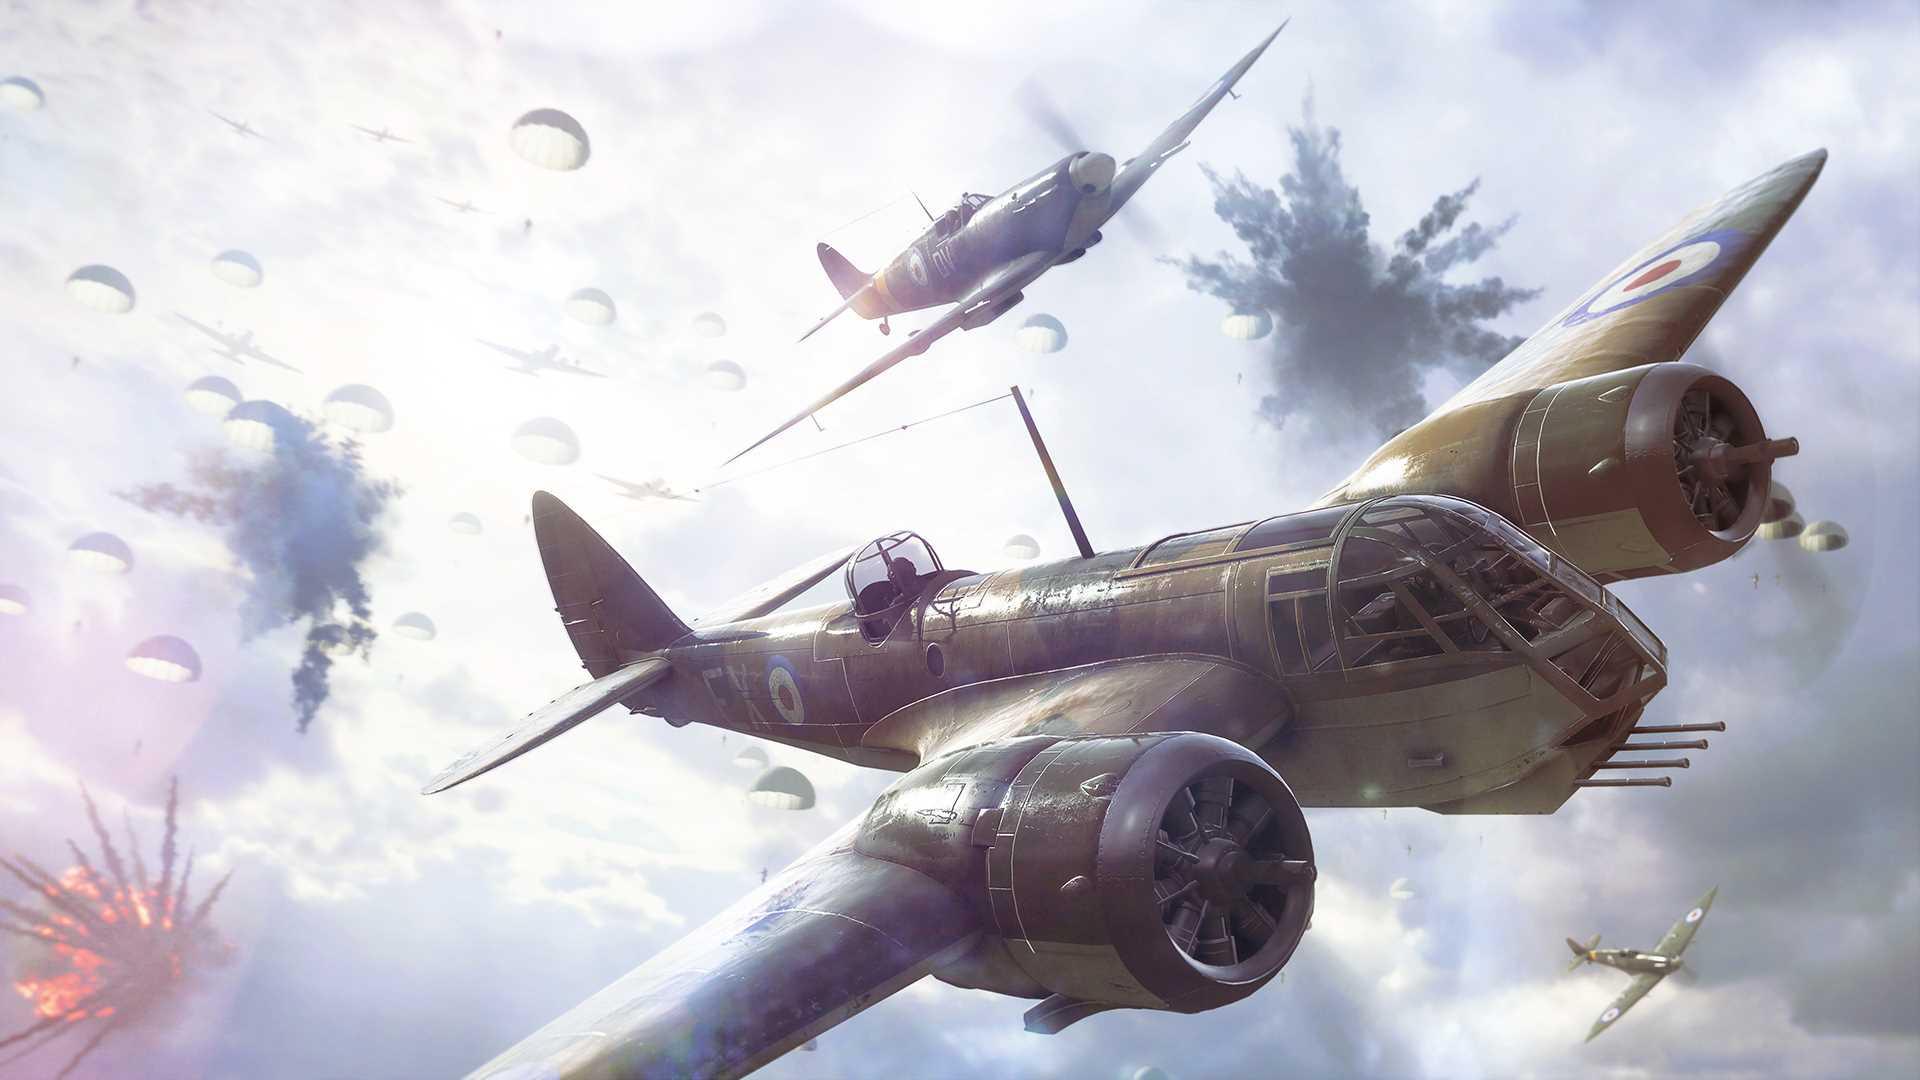 На иллюстрации изображена сцена из игры Battlefield V: бомбардировщик в сопровождении истребителя пролетает над под огнём зенитных орудий на фоне парашютного десанта